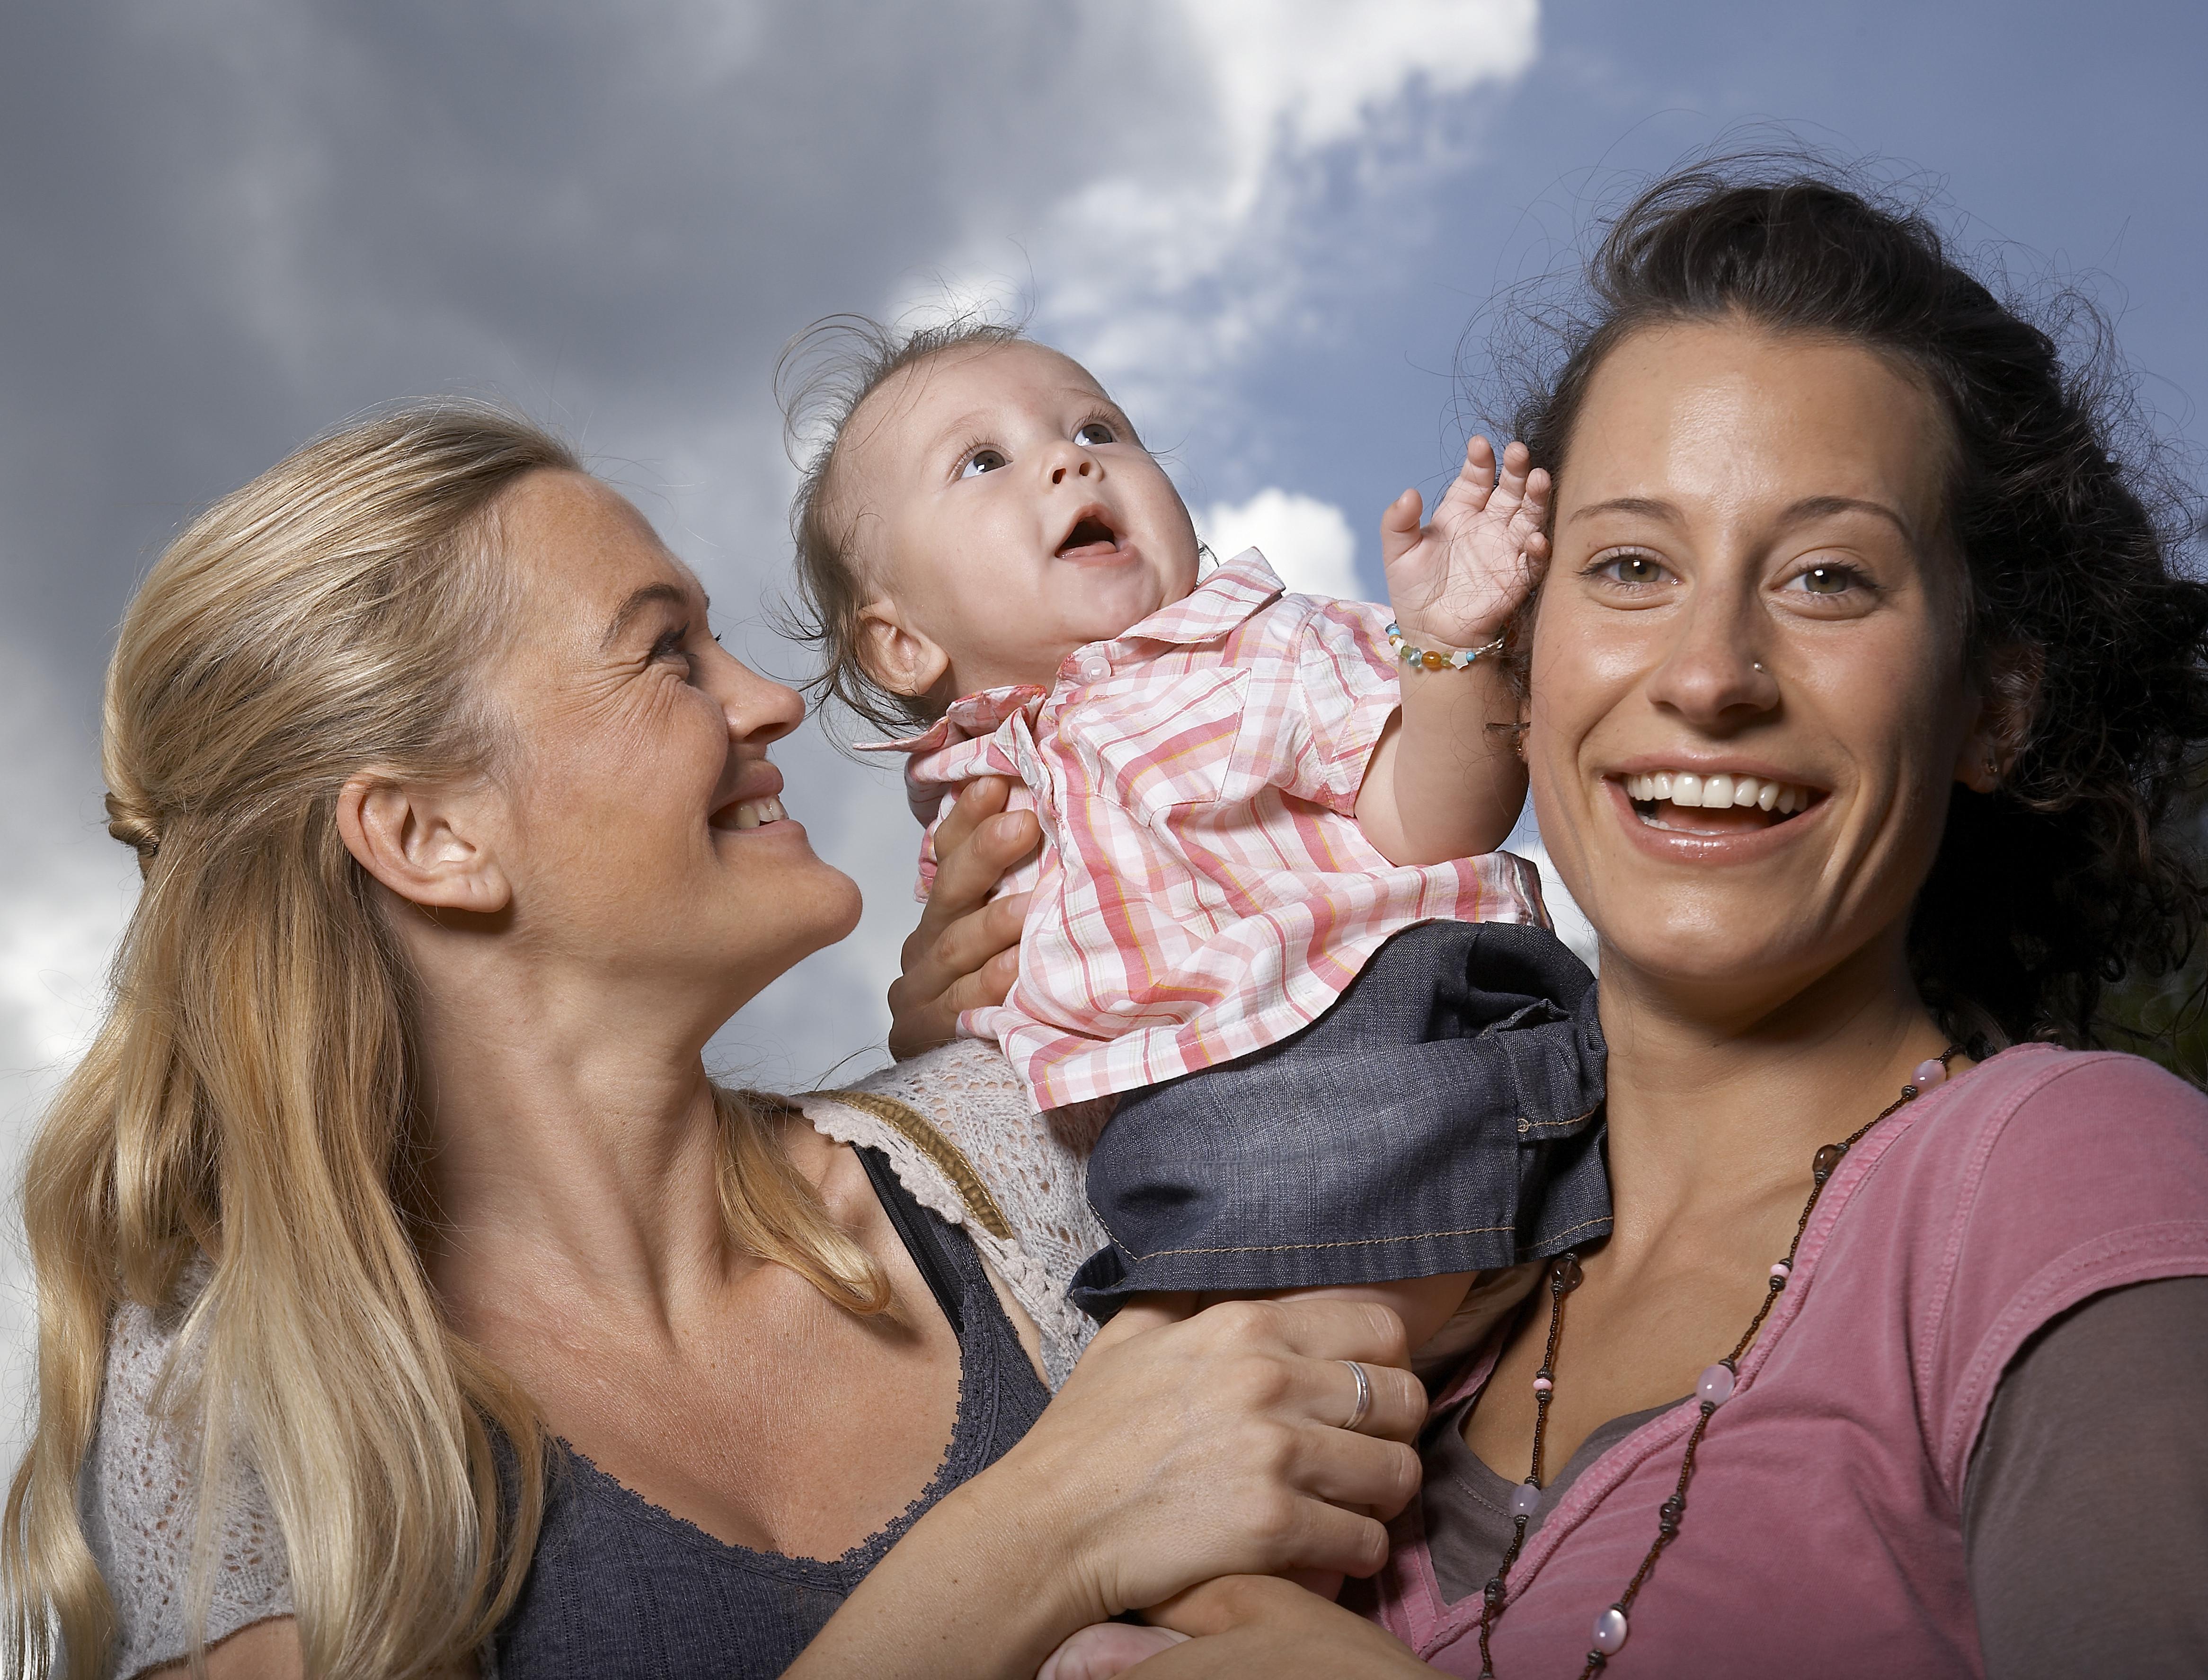 samesex family